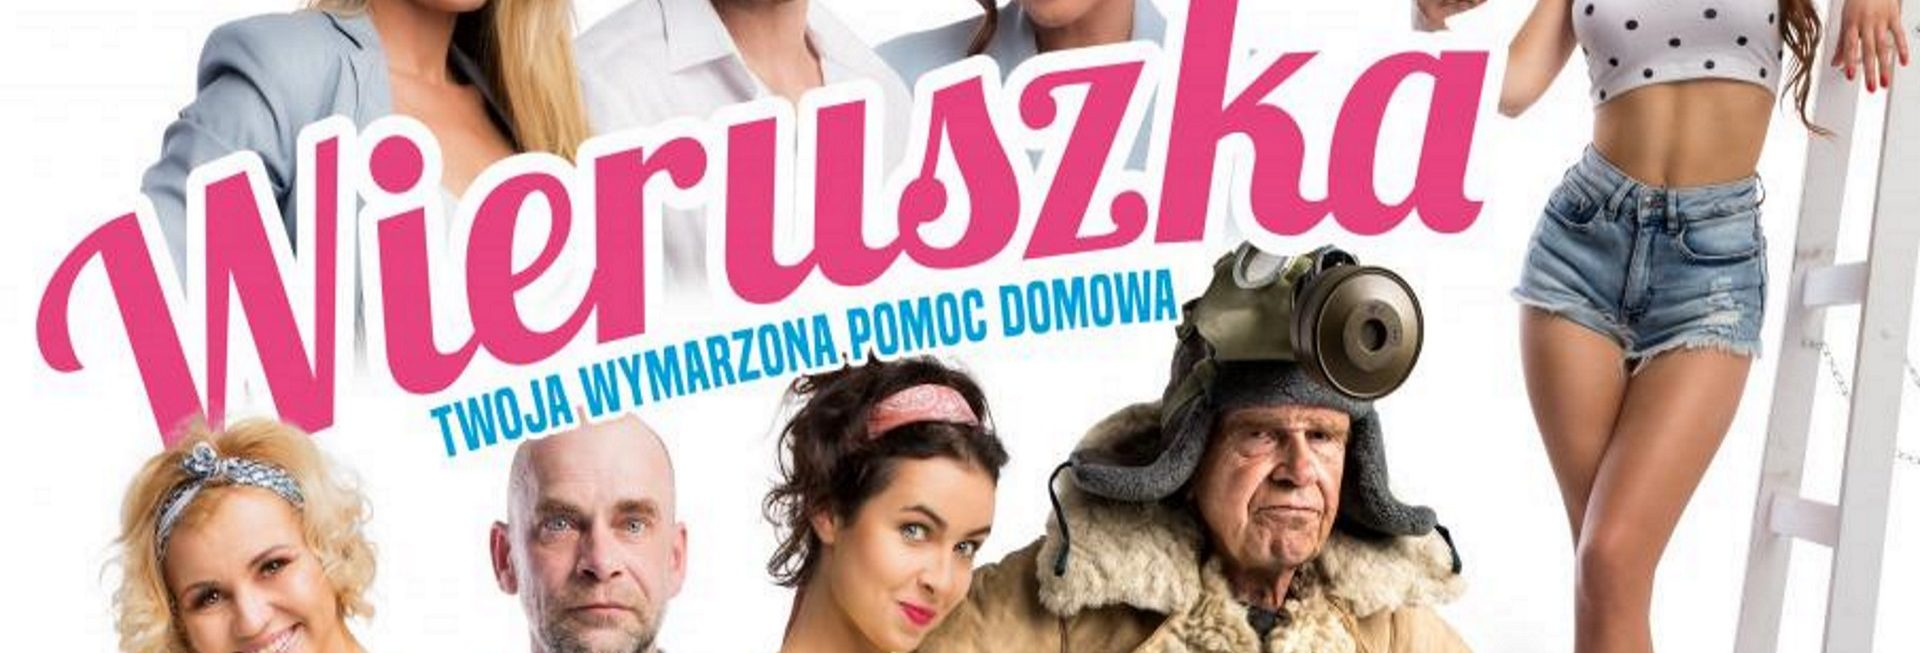 """Zdjęcie, plakat zapraszający do Olsztyna na seans teatralny """"Wieruszka, czyli Twoja wymarzona pomoc domowa"""". Na plakacie zdjęcia aktorów występujących w spektaklu."""